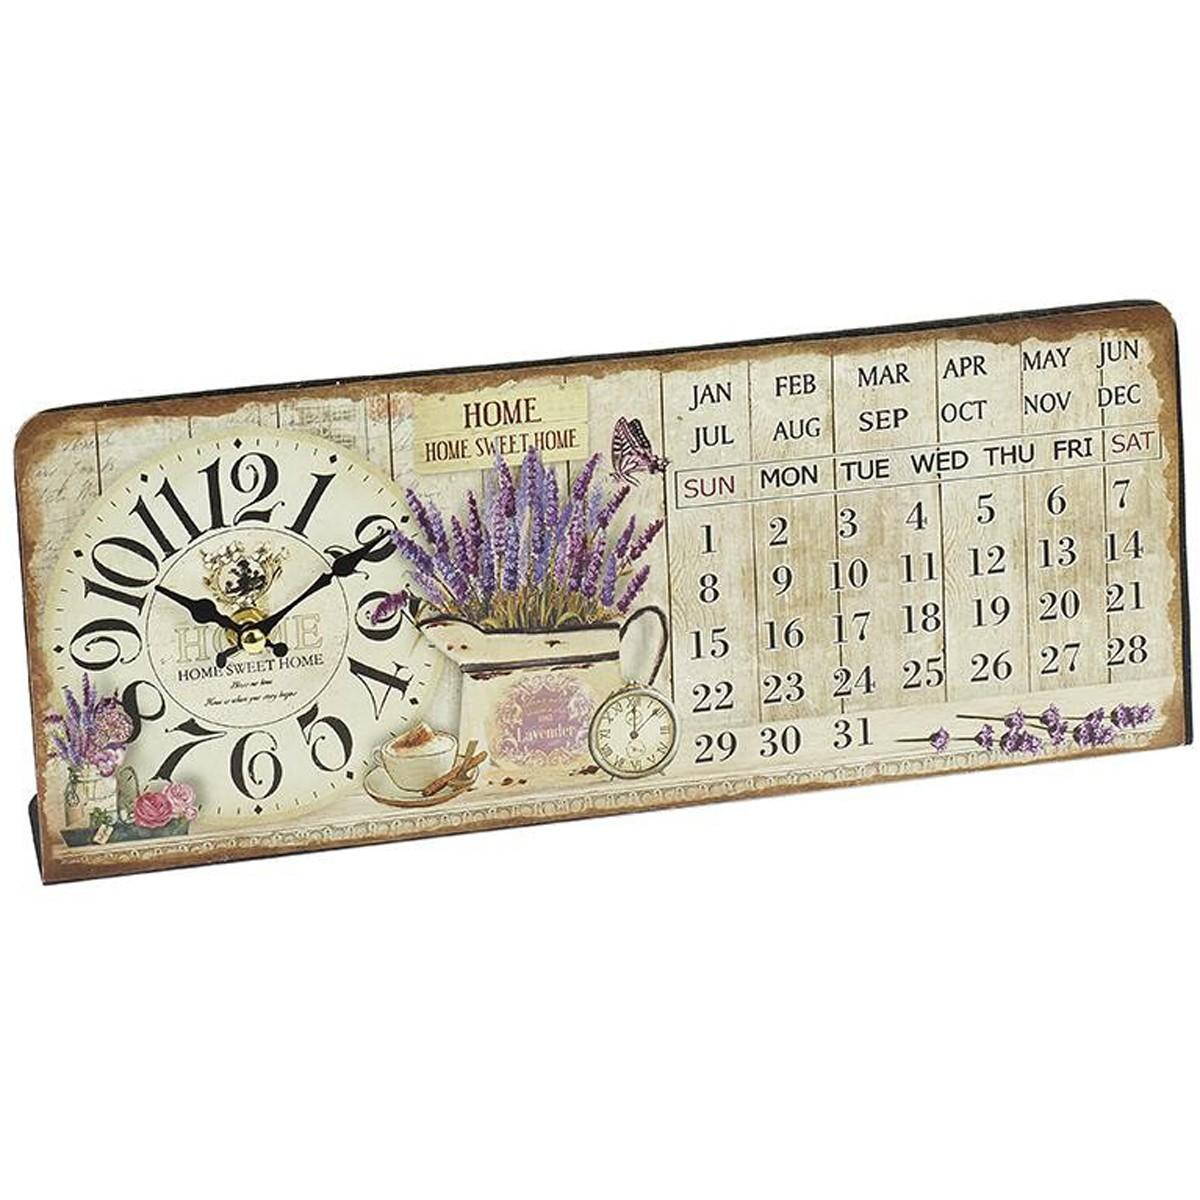 Επιτραπέζιο Ρολόι - Ημερολόγιο InArt 3-20-098-0198